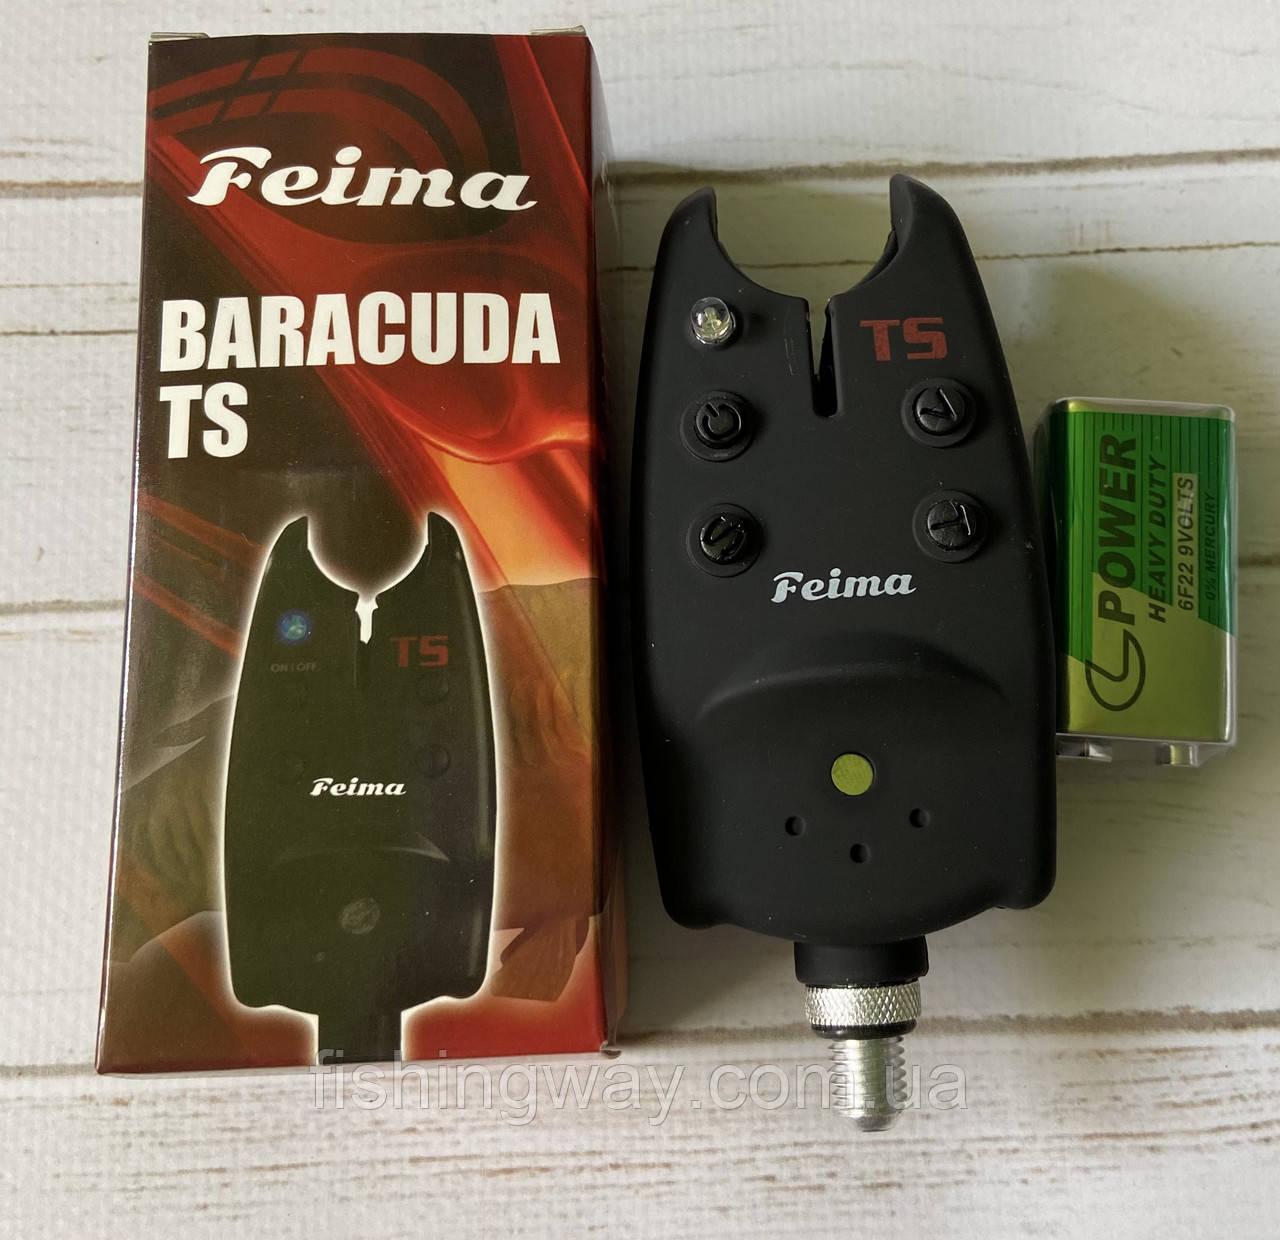 Сигнализатор поклёвки Feima Baracuda c кроной 9v